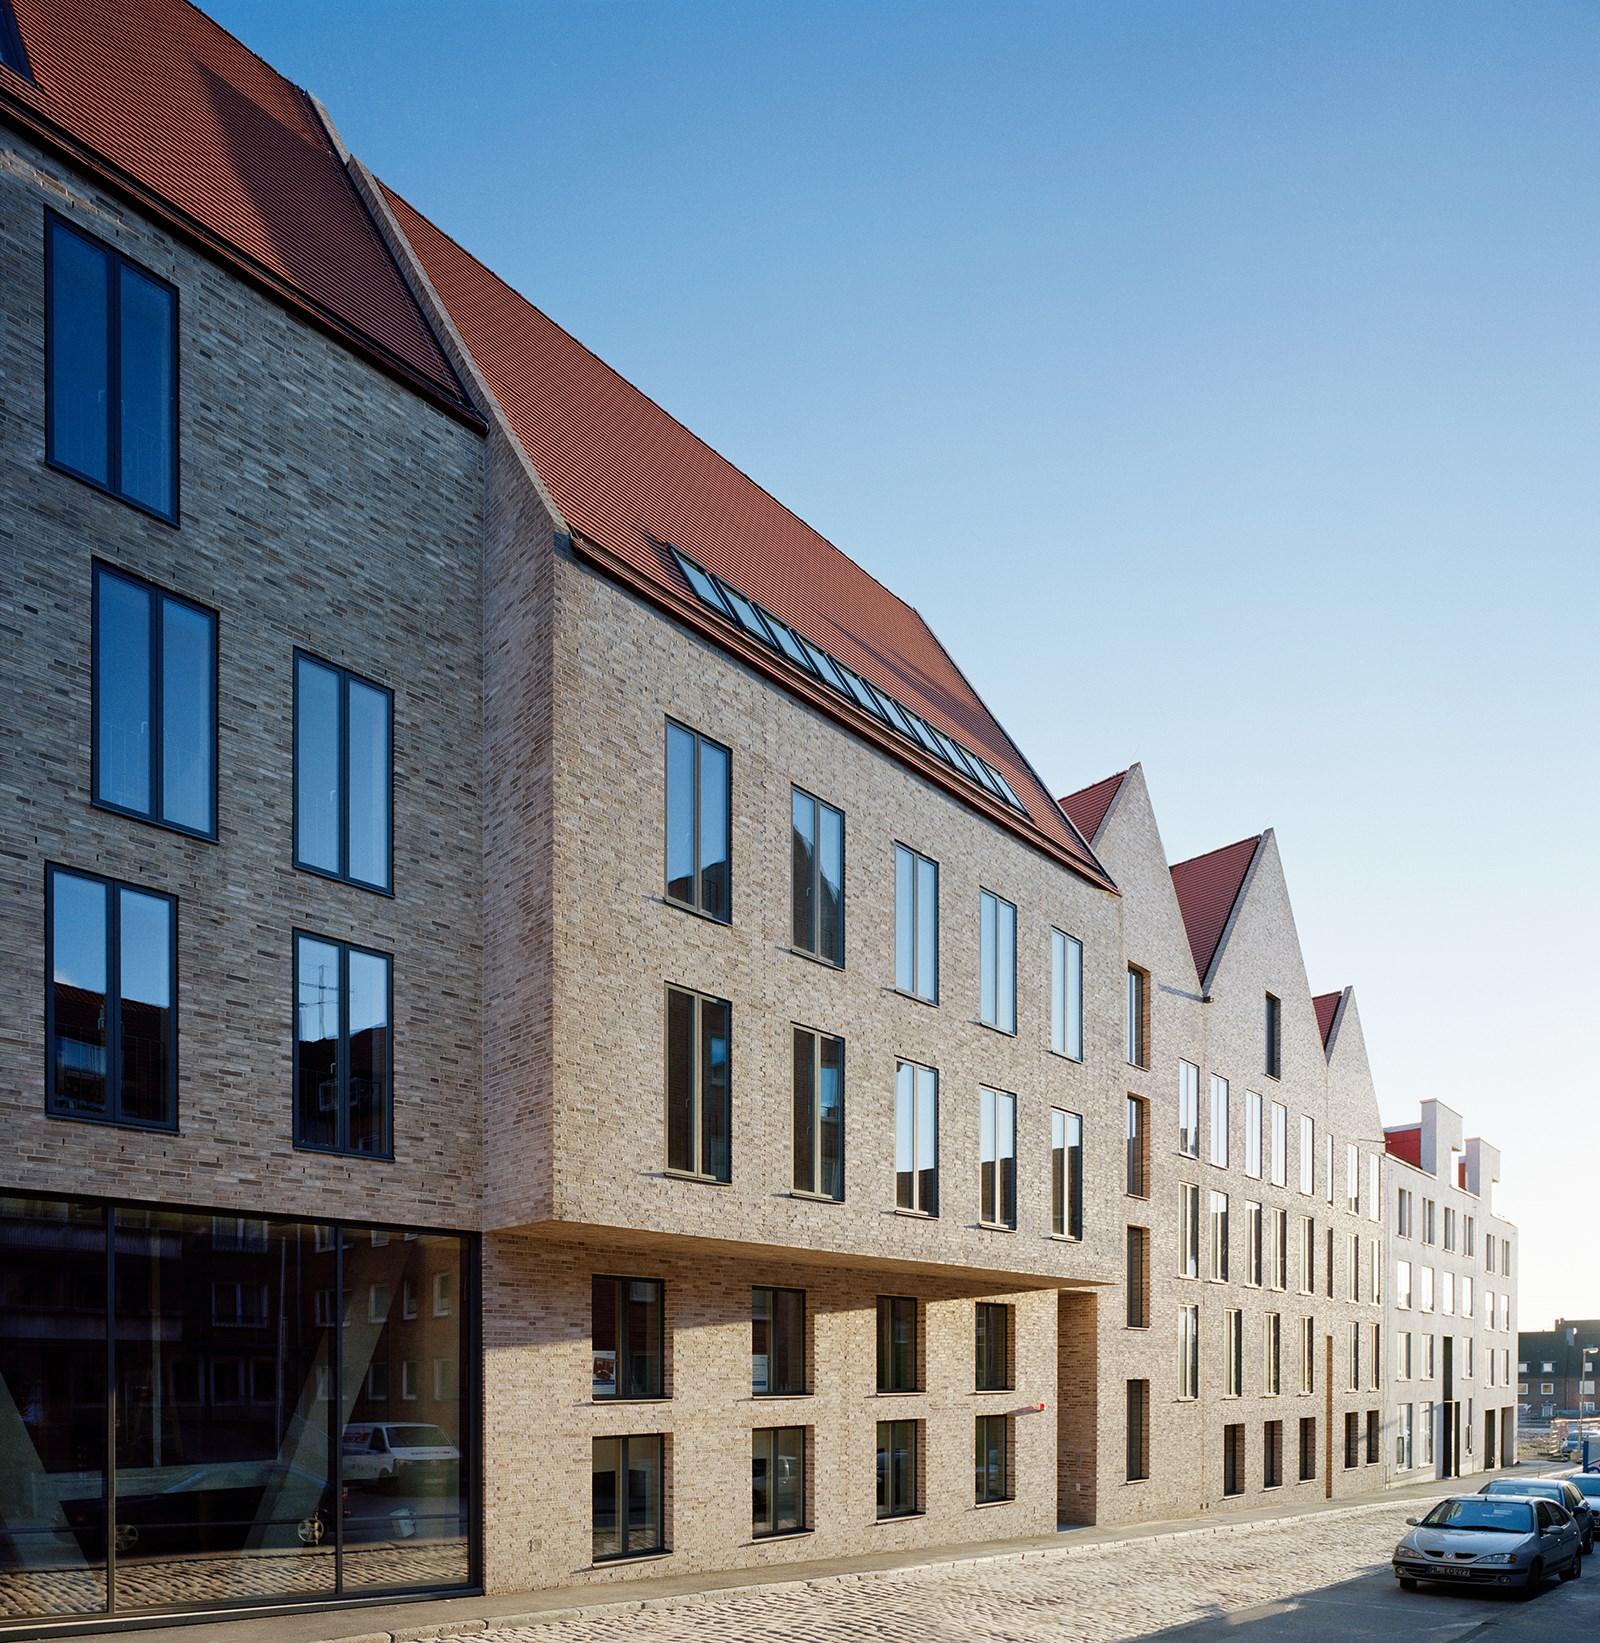 Ulrich Gabler Haus, Lübeck size: 1169 x 1200 post ID: 9 File size: 0 B